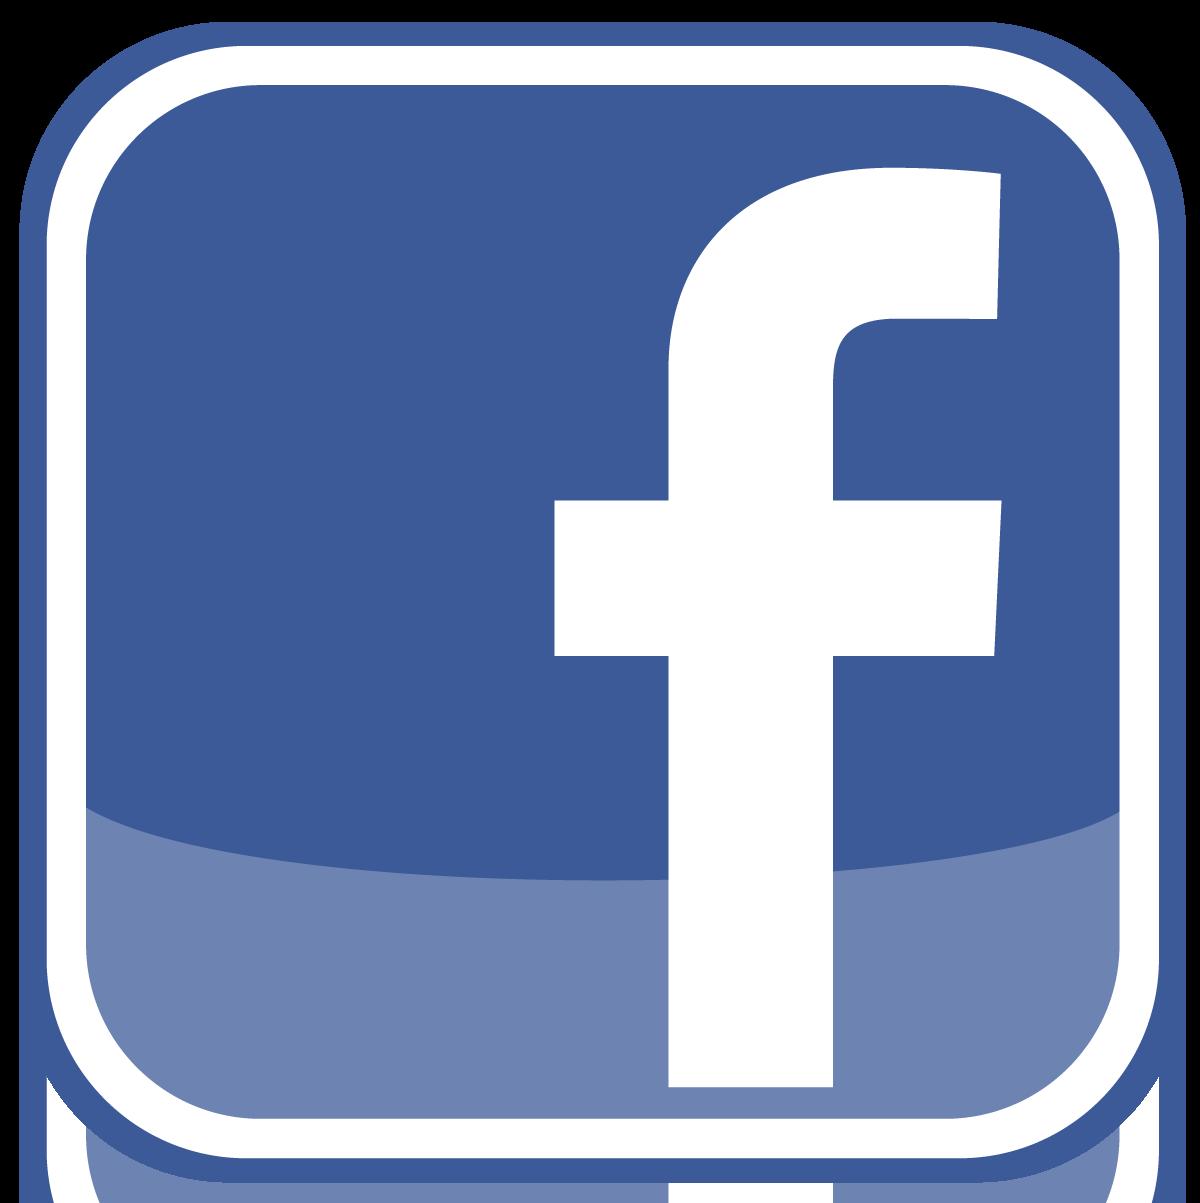 Facebook Album ตัวอย่างชุดไทยจ้าสาว